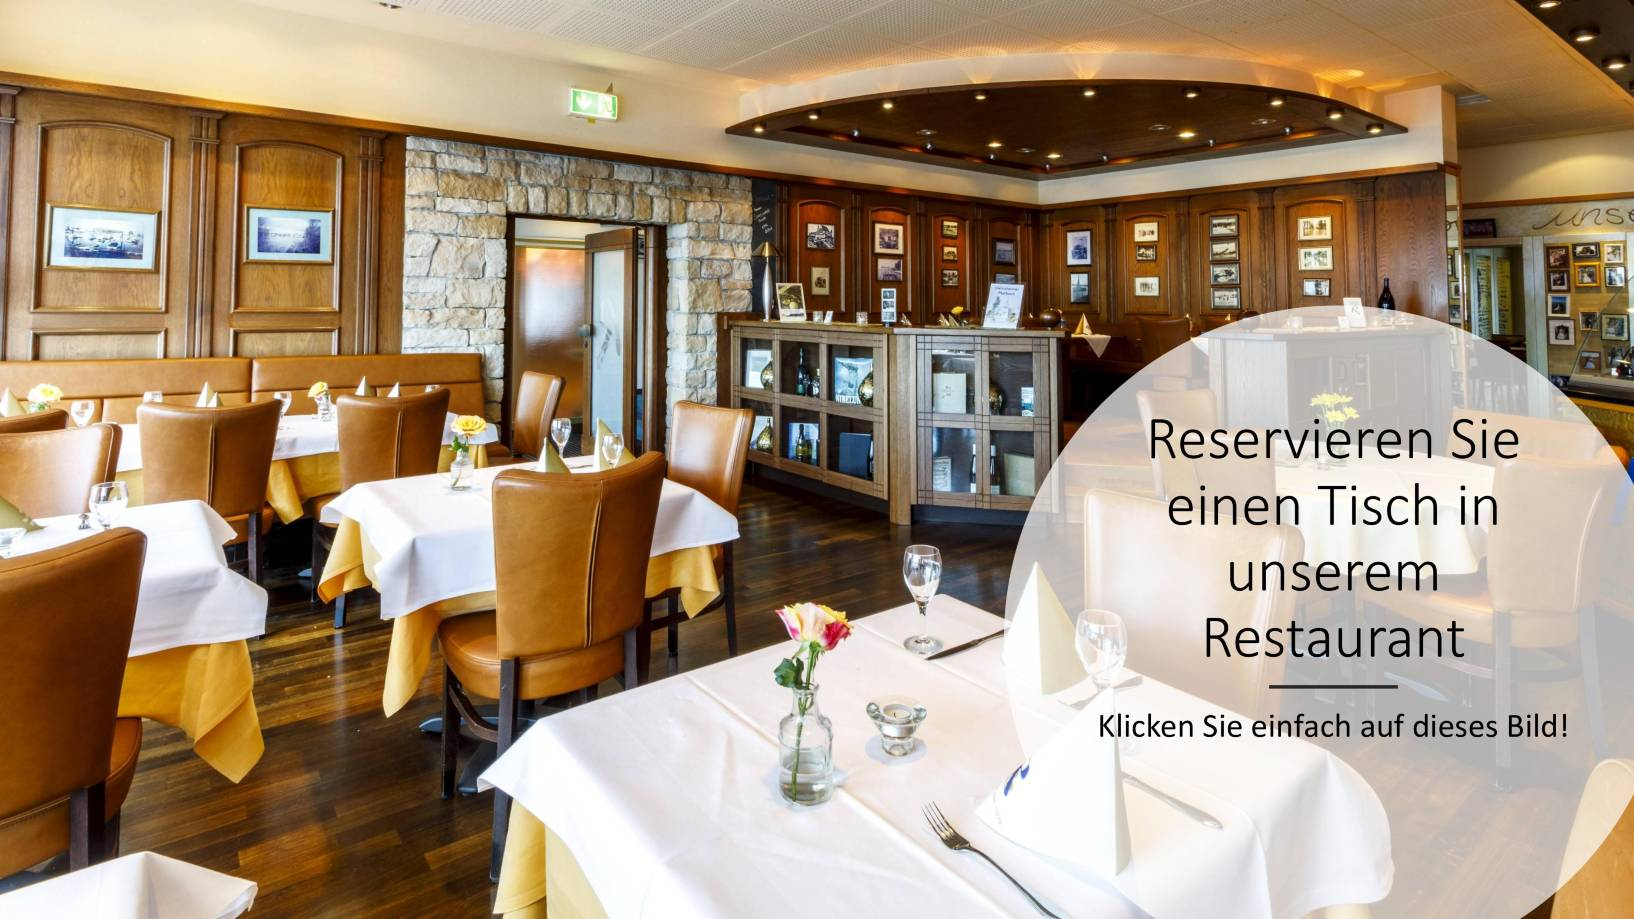 Tiergarten weilburg restaurant speisekarte